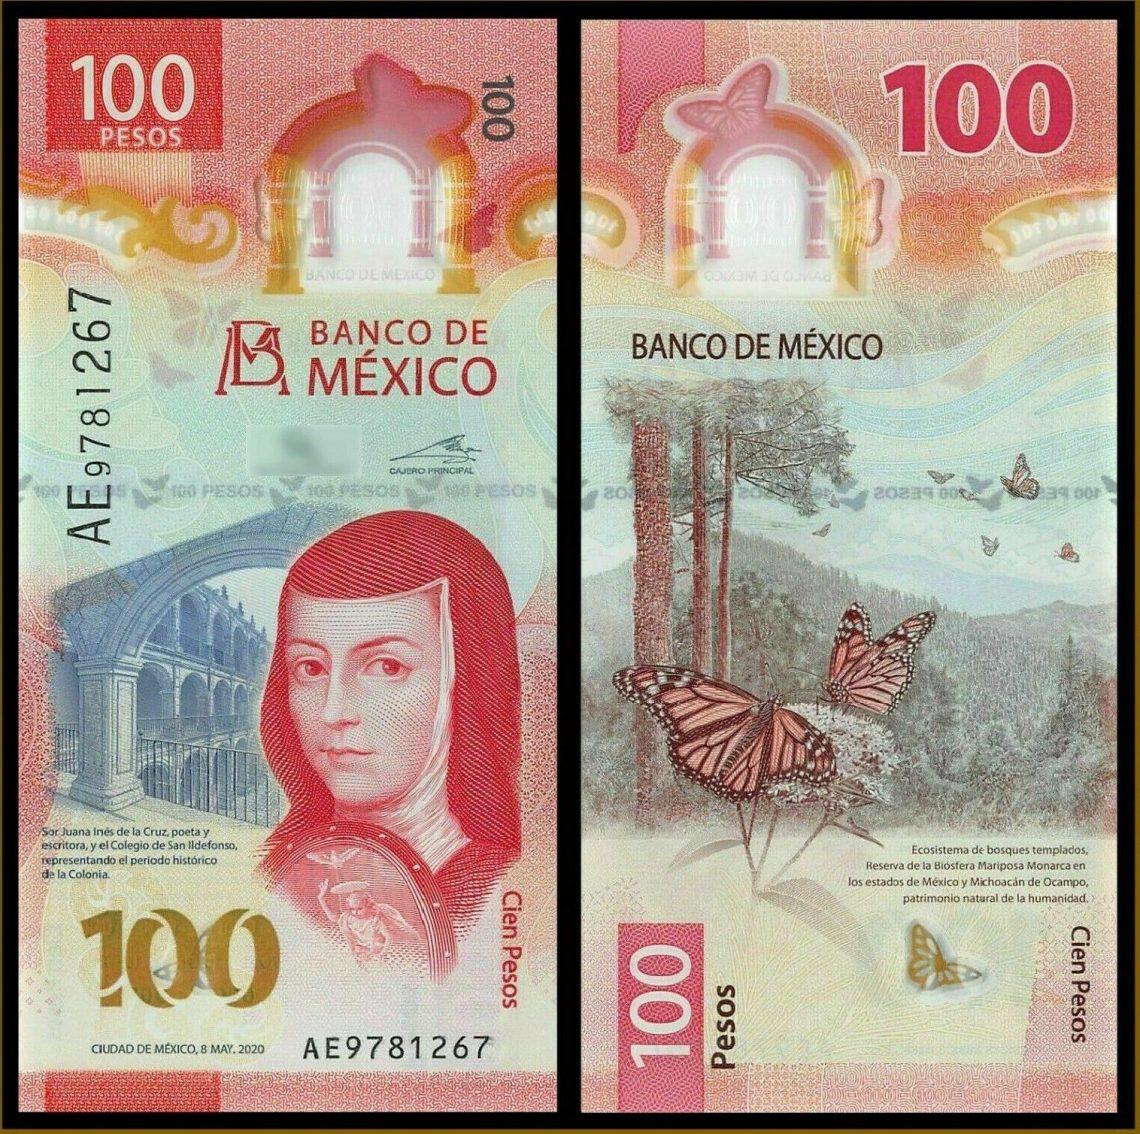 Дизайн новой мексиканской банкноты 100 песо